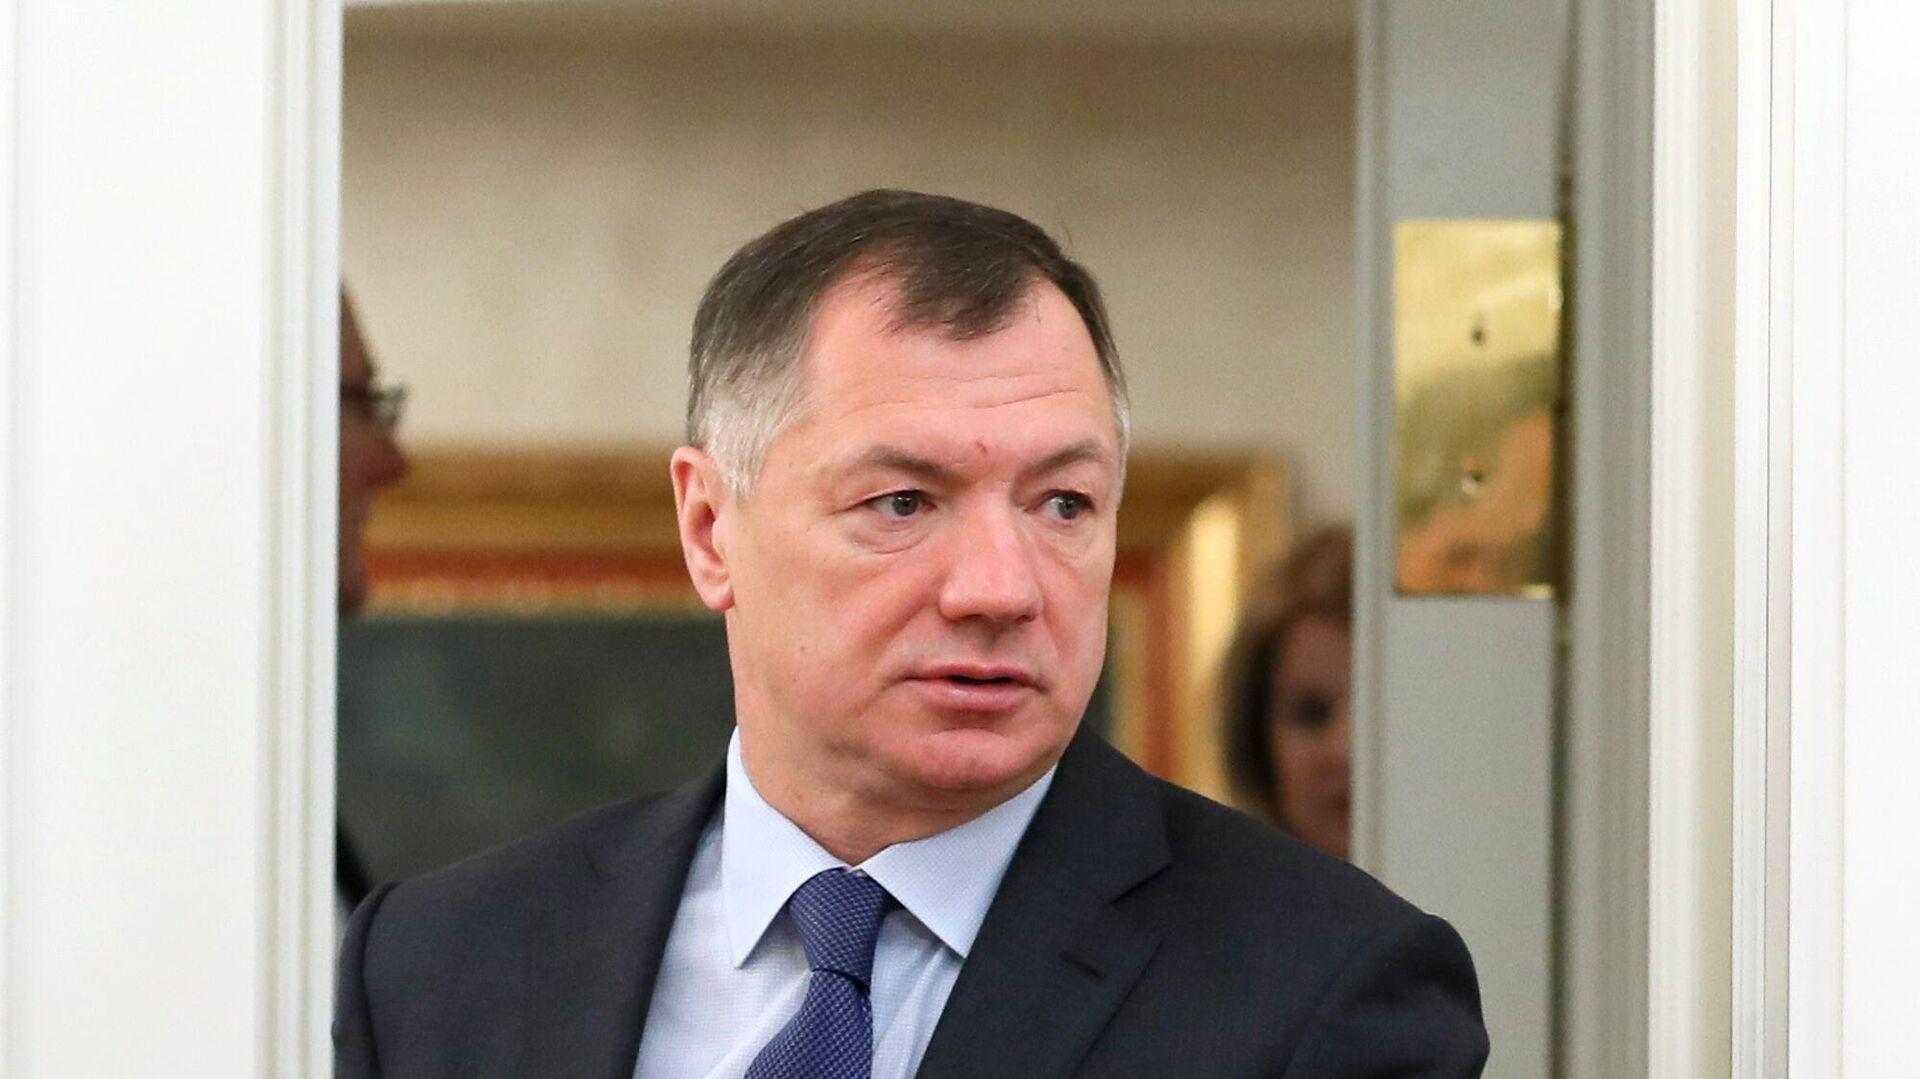 Премьер-министр РФ М. Мишустин провел совещание с вице-премьерами РФ - РИА Новости, 1920, 19.05.2021